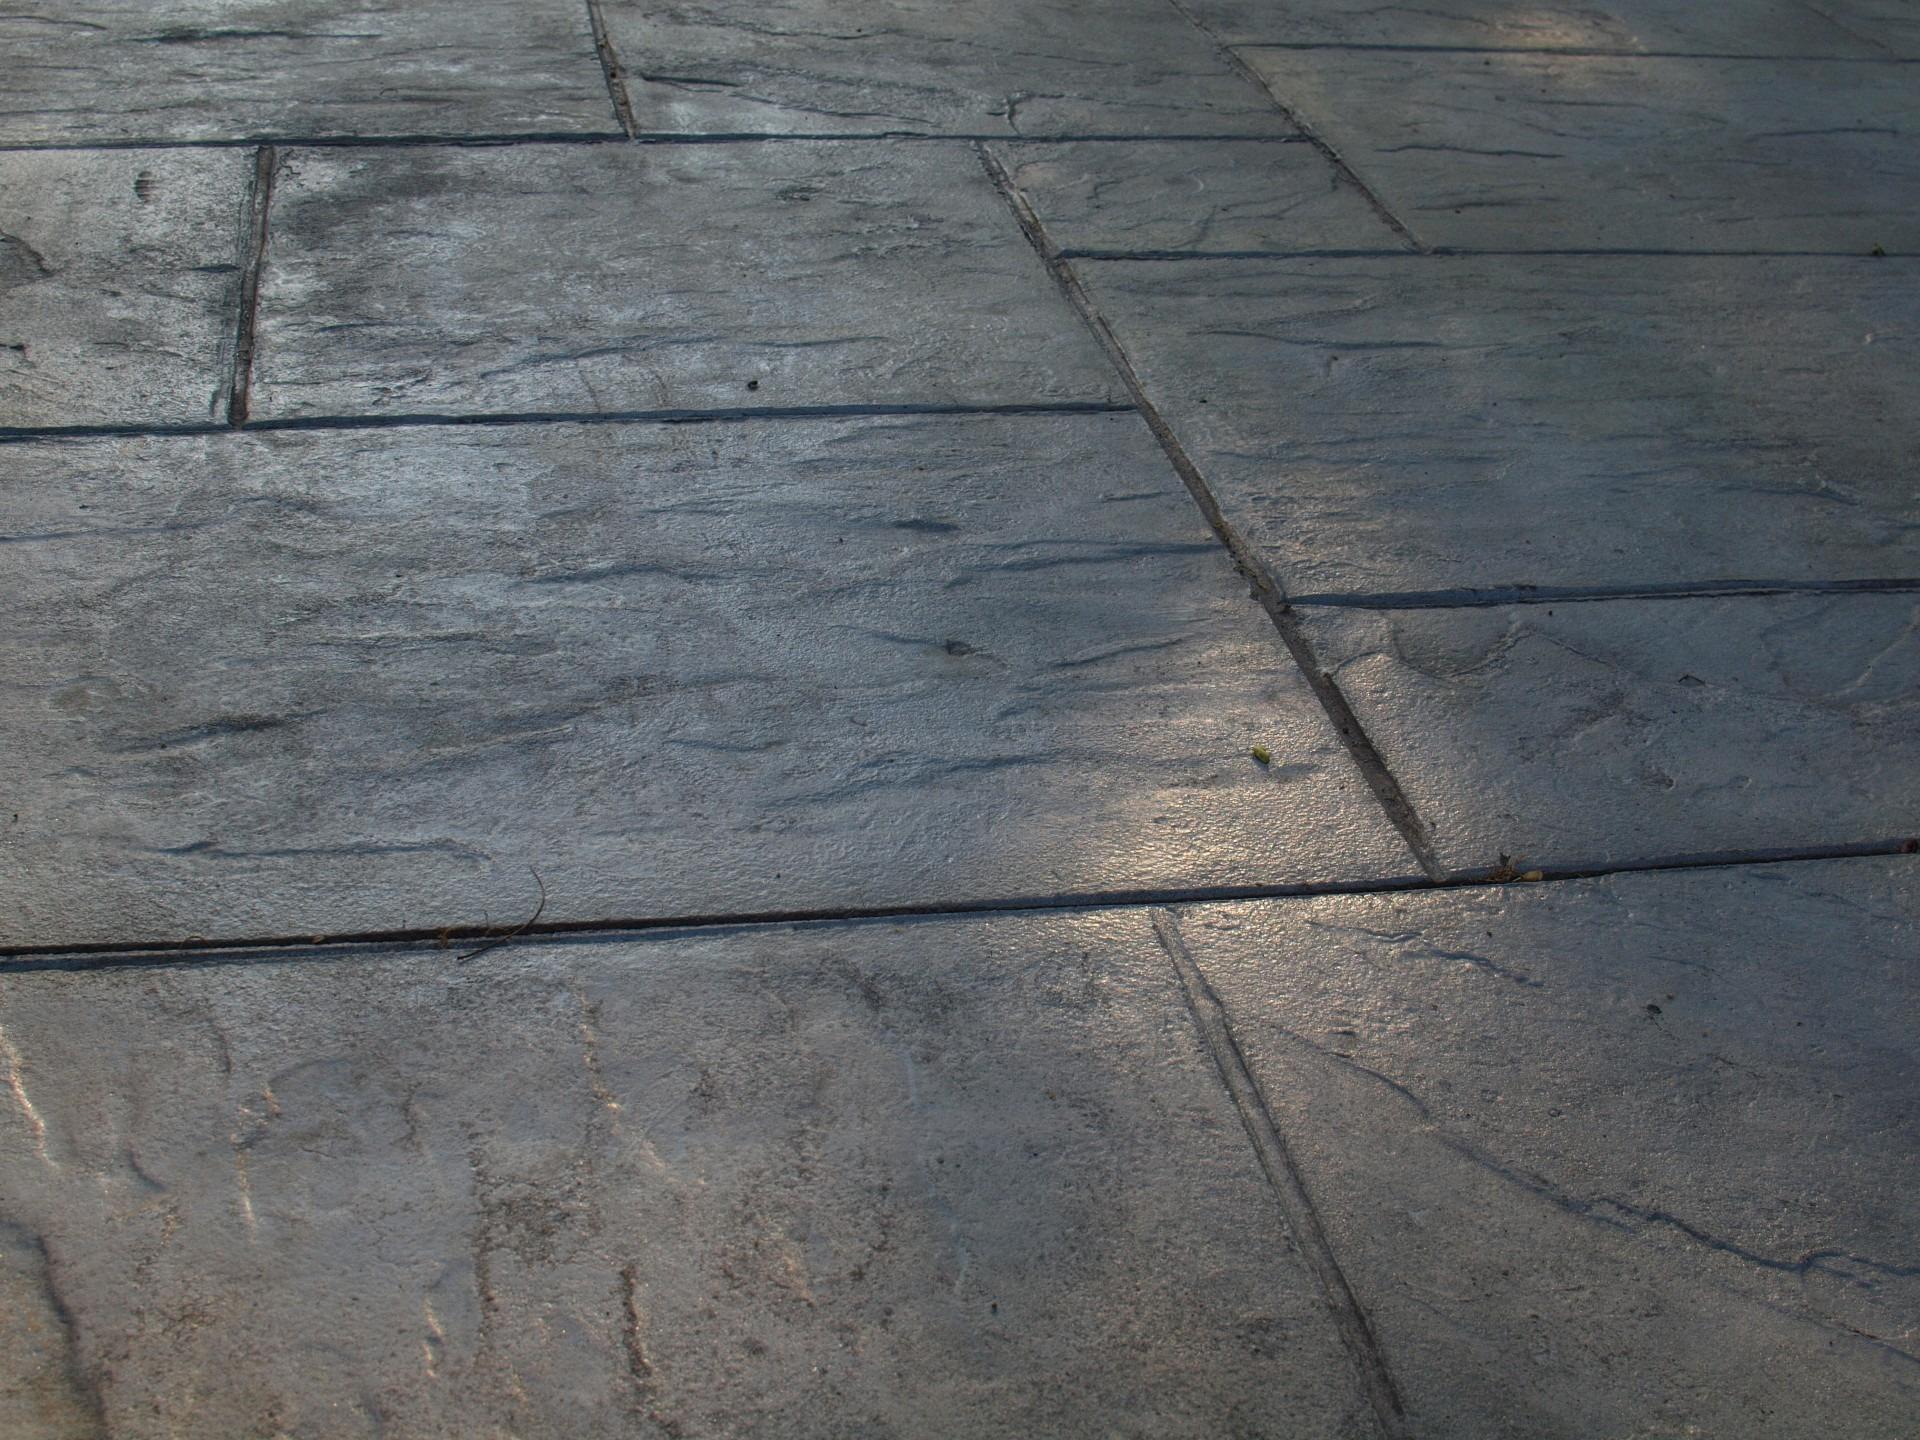 Free Images Texture Sidewalk Floor Roof Wall Stone Asphalt